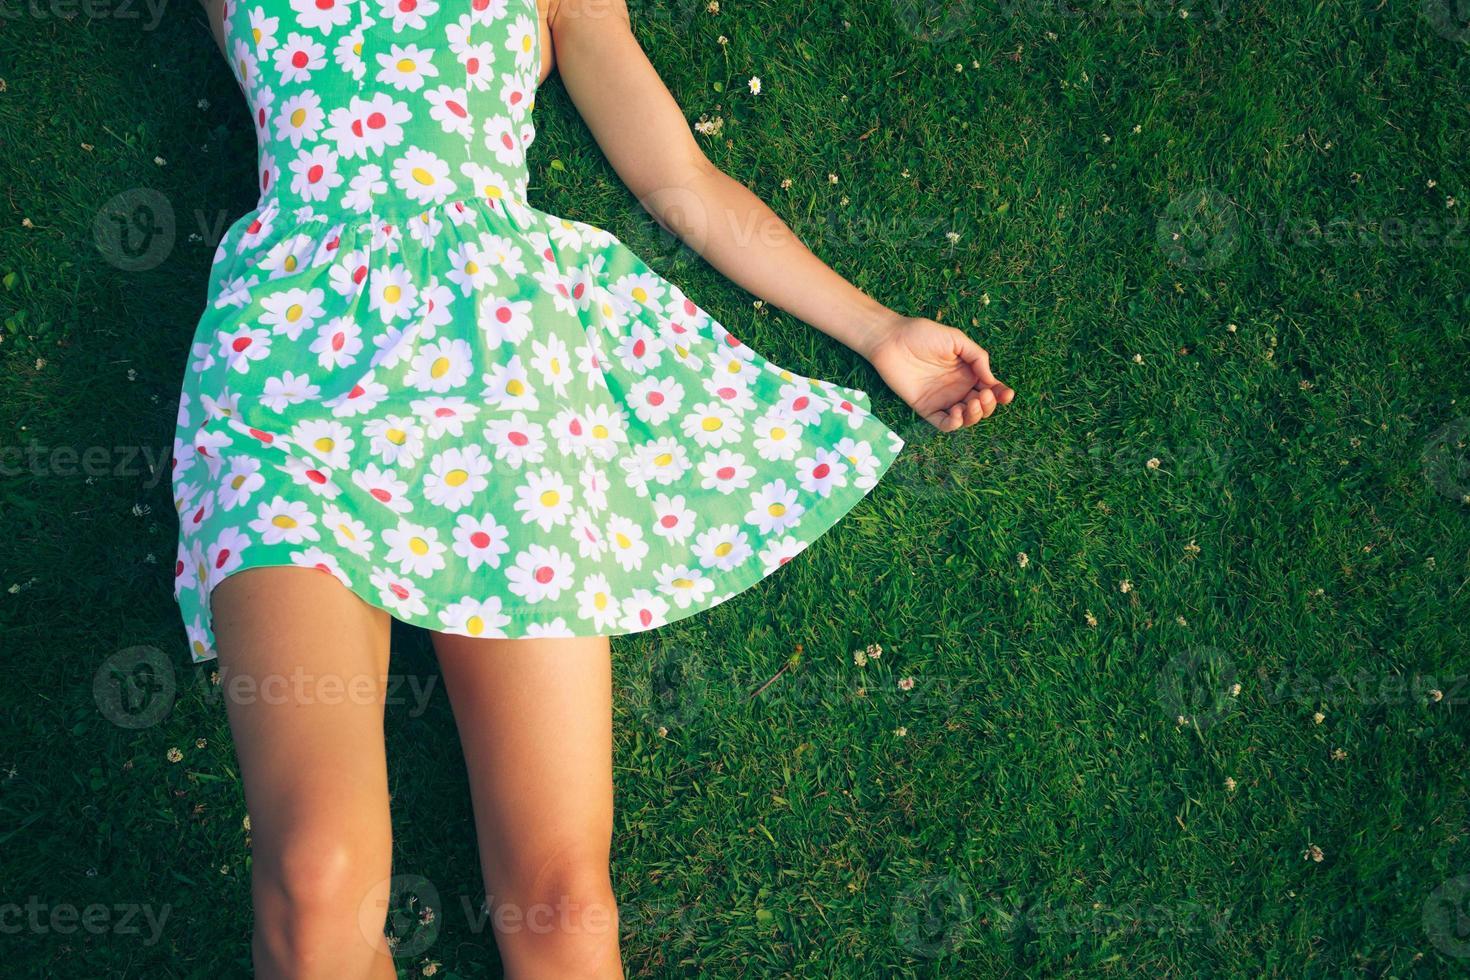 giovane donna in abito sdraiato sull'erba foto